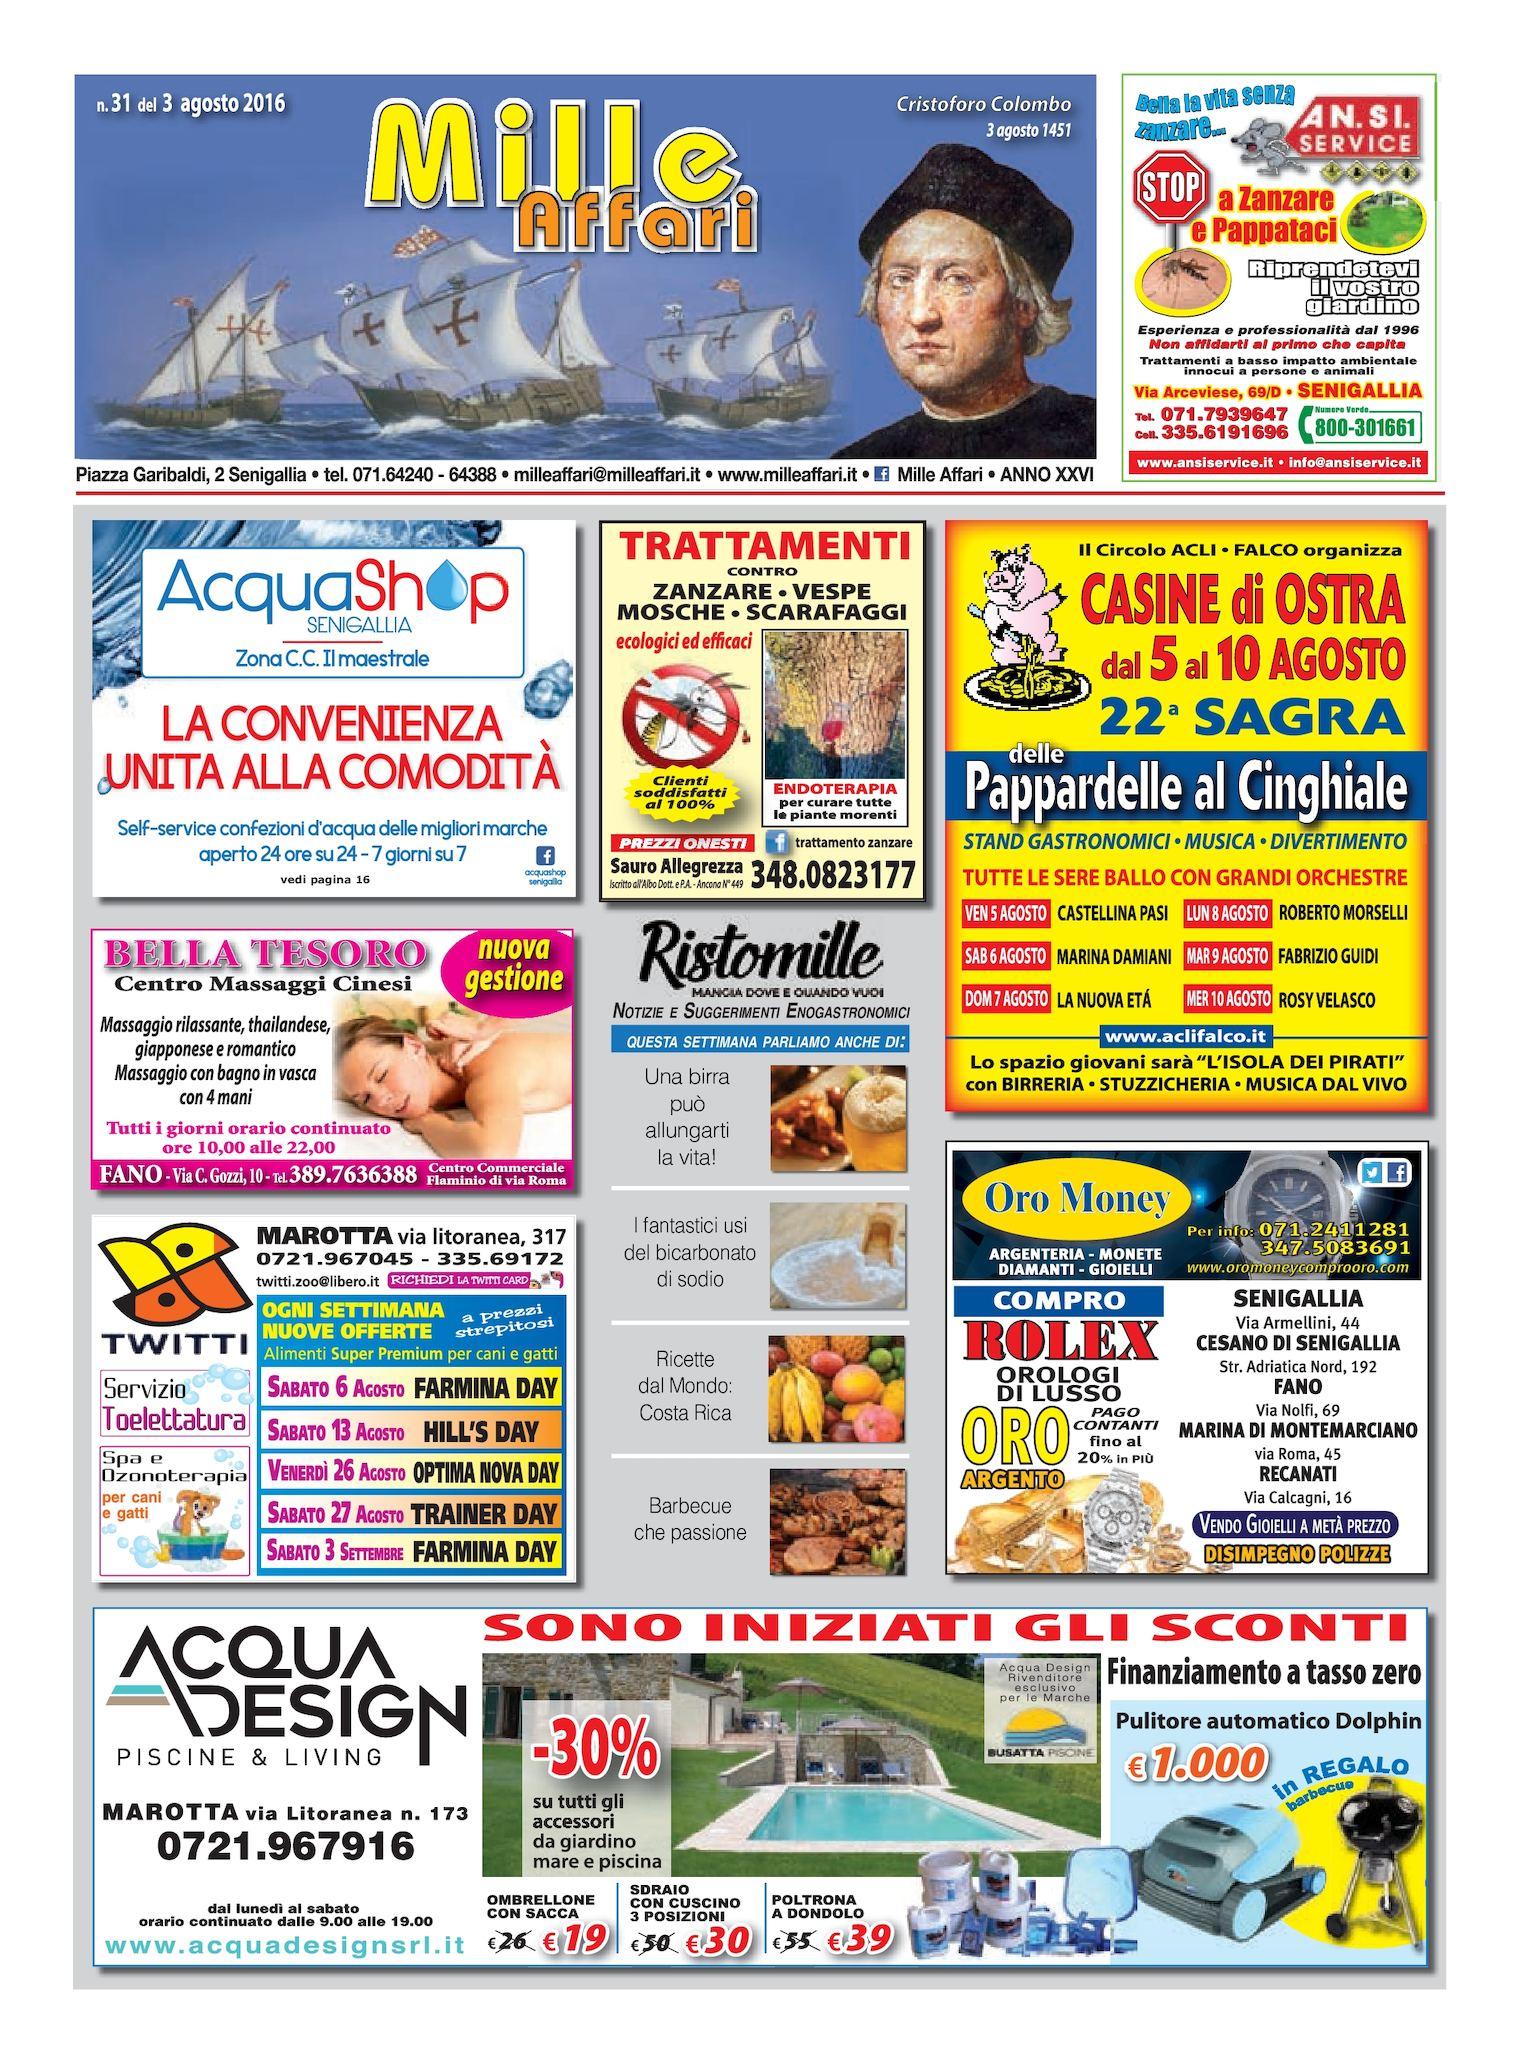 Calaméo - MILLEAFFARI N°31 DEL 03.08.16 fe05f07008e